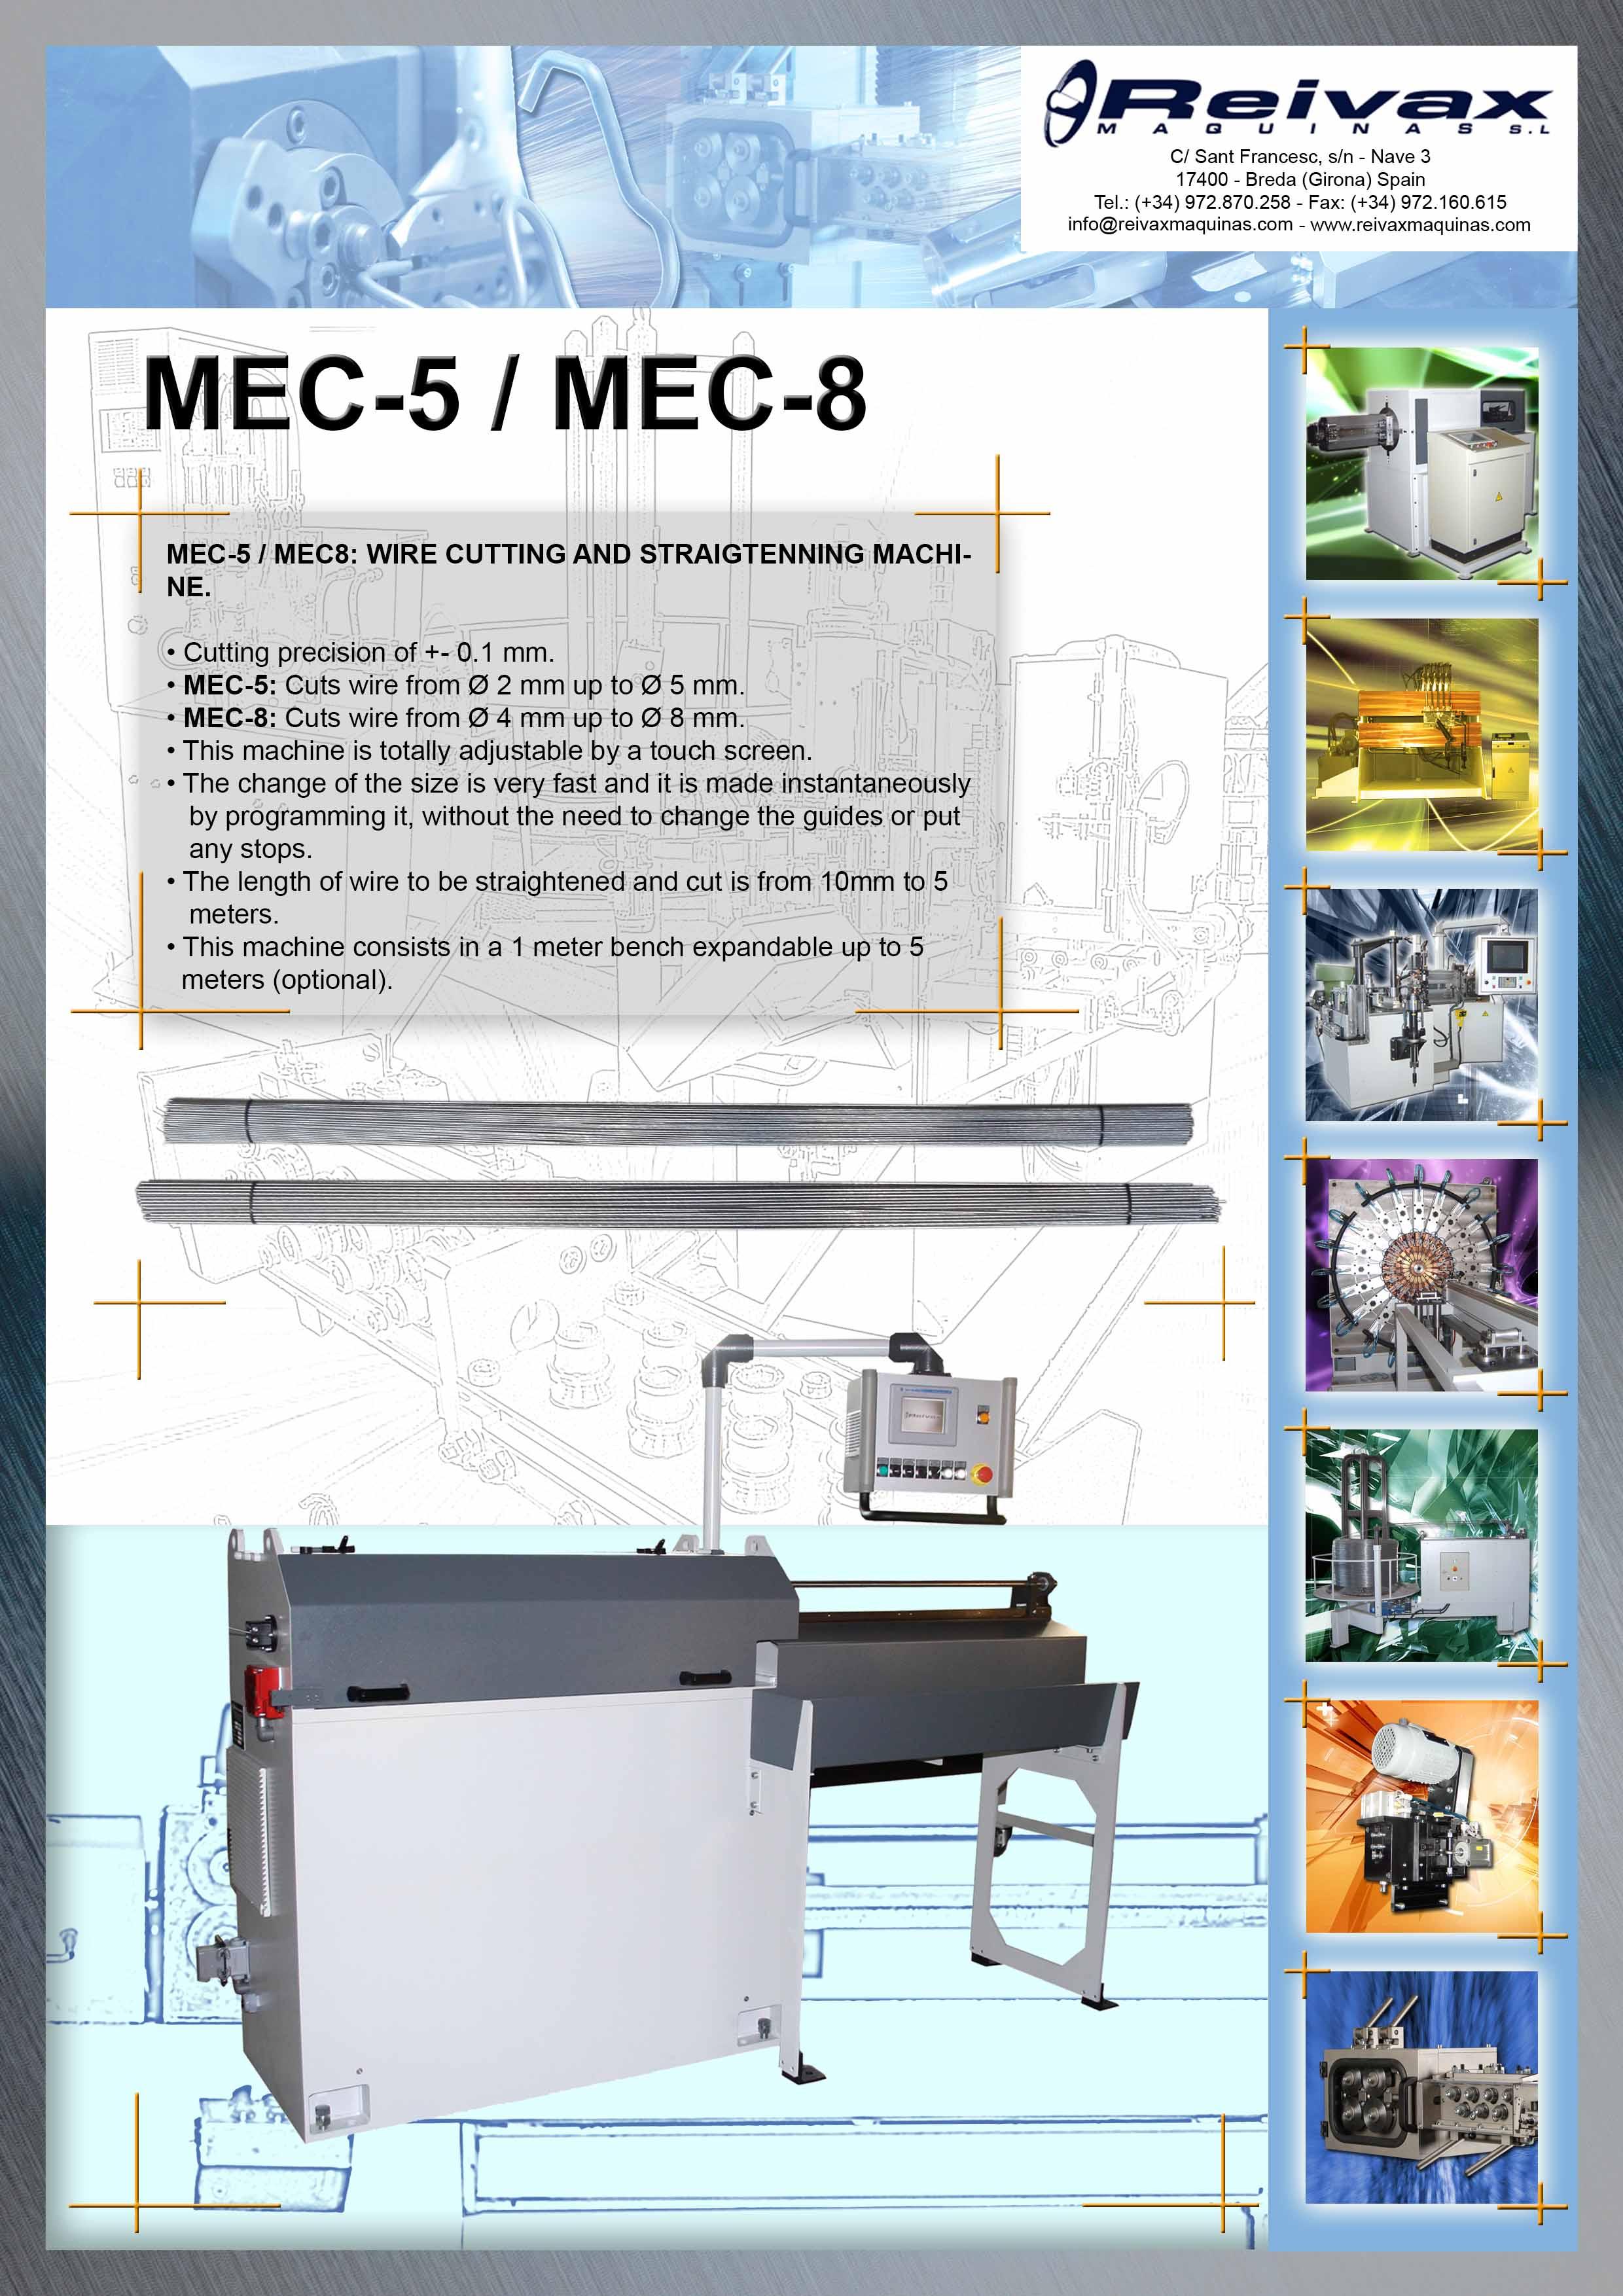 Reivax Maquinas, SL: MEC-5 / MEC-8 Technical Details